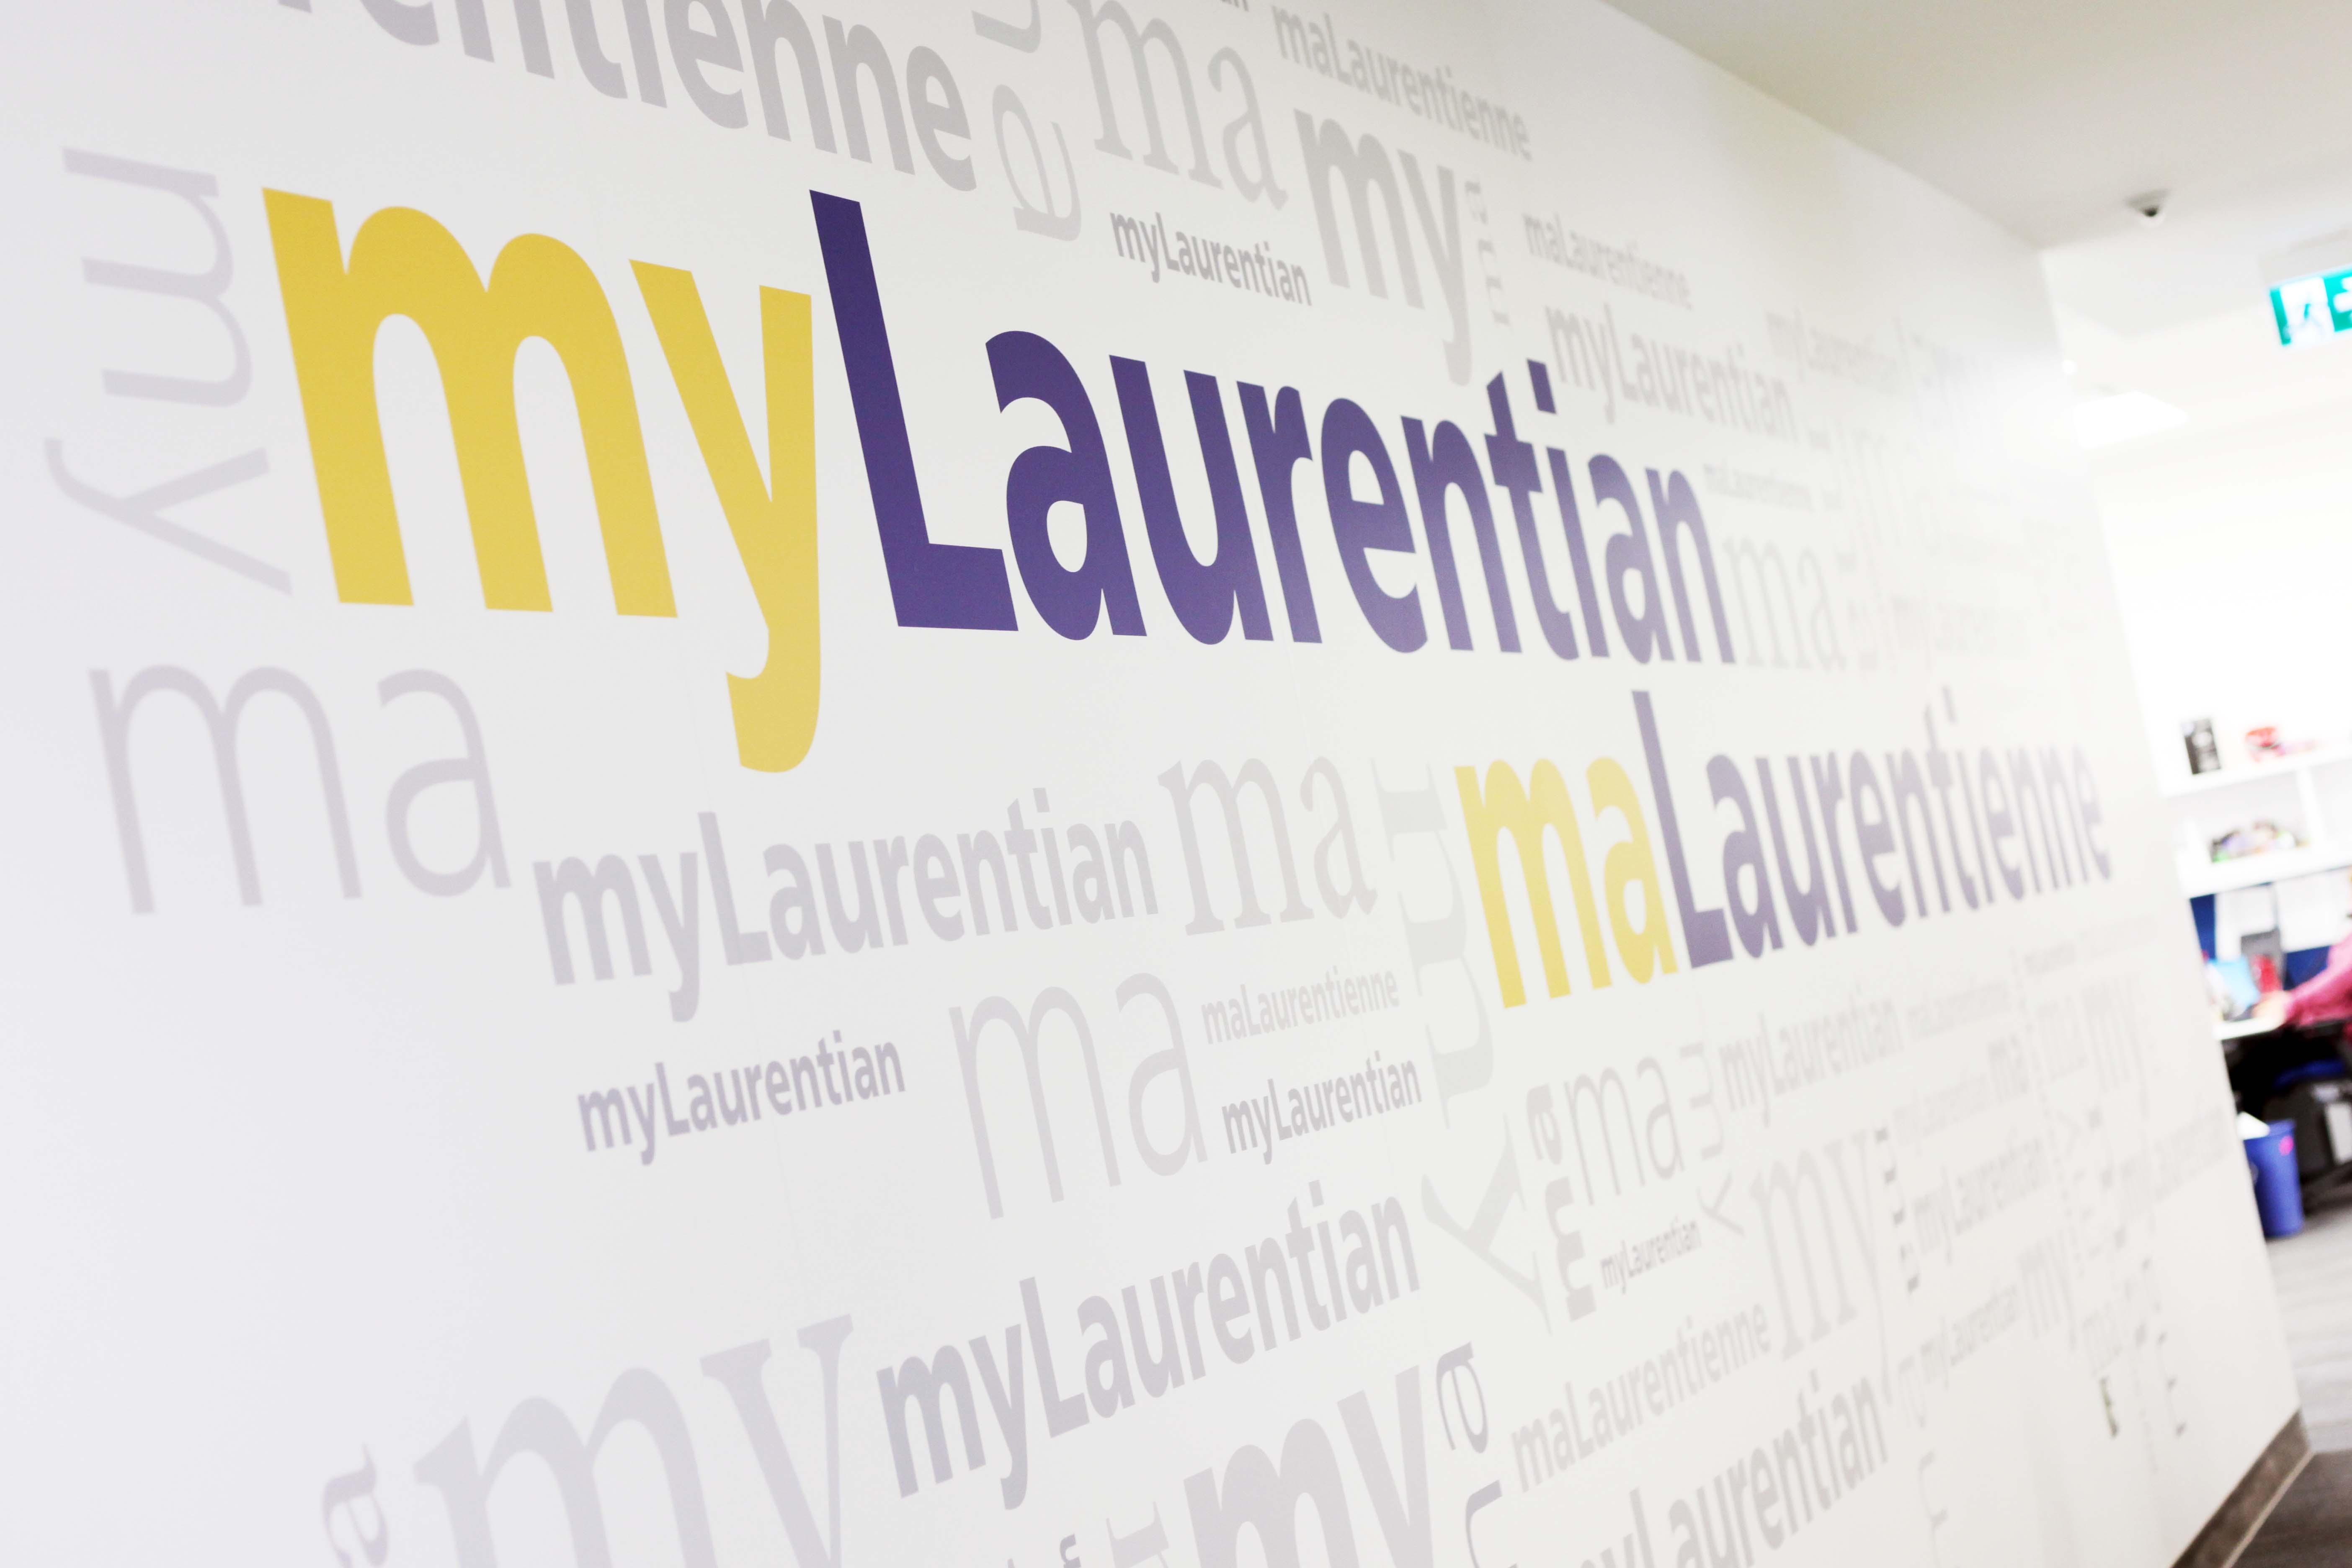 Laurentian University | myLaurentian Hub